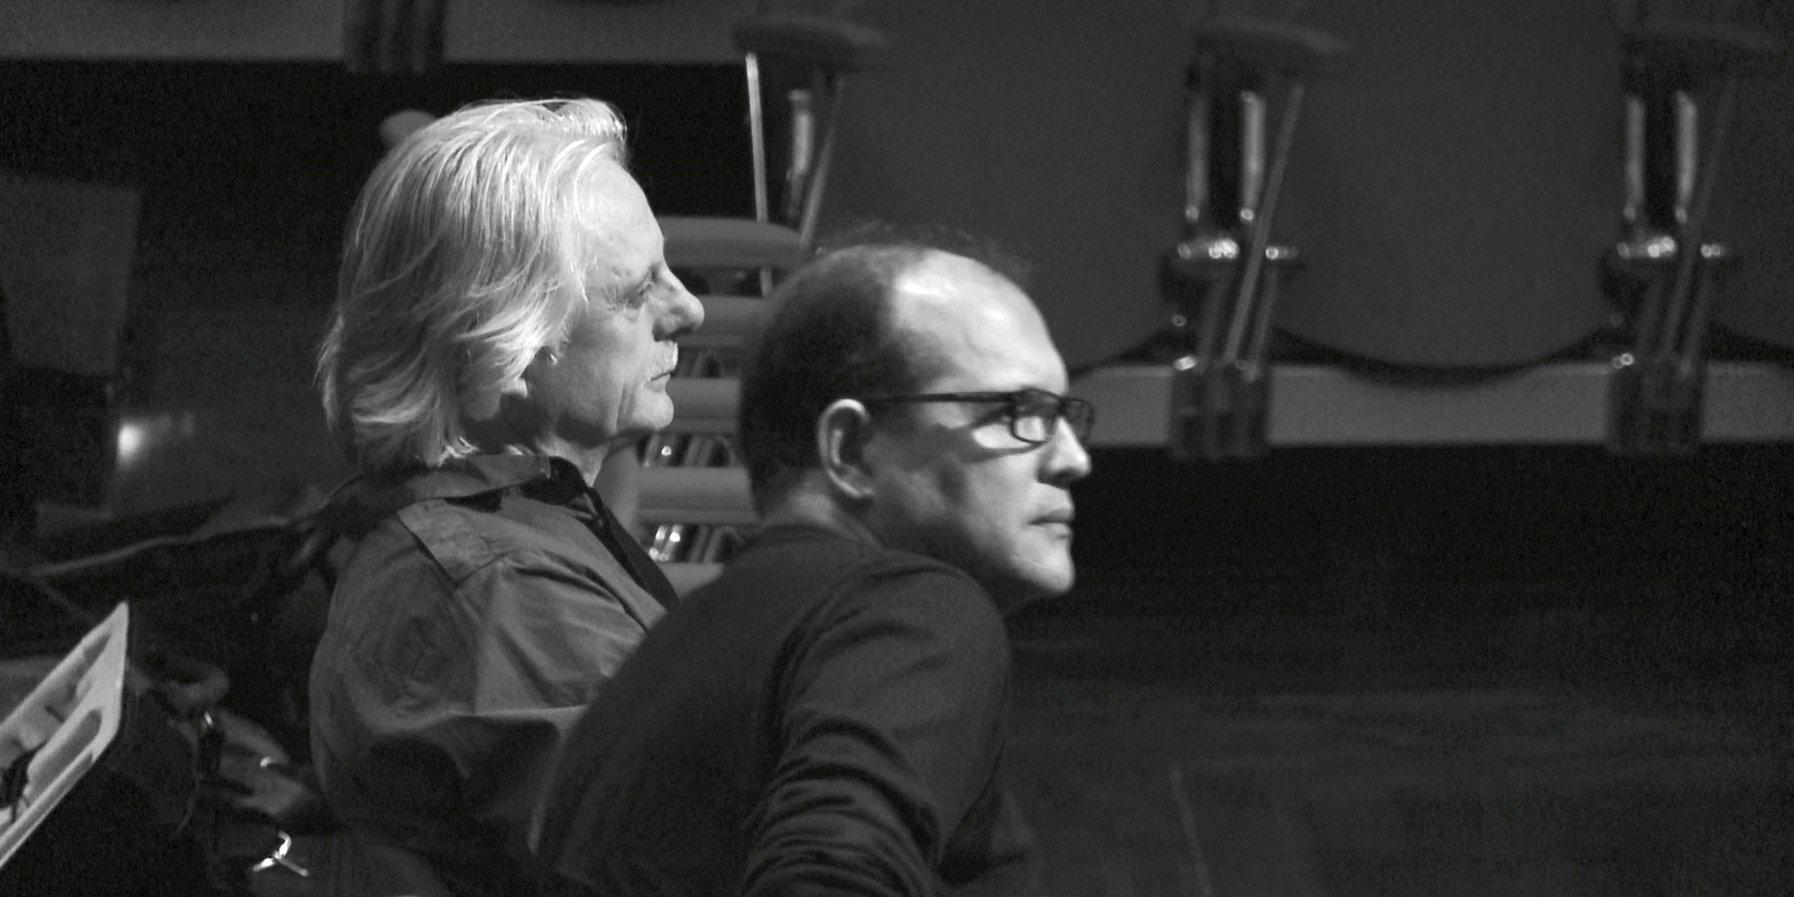 Manfred Eicher und Anouar Brahem